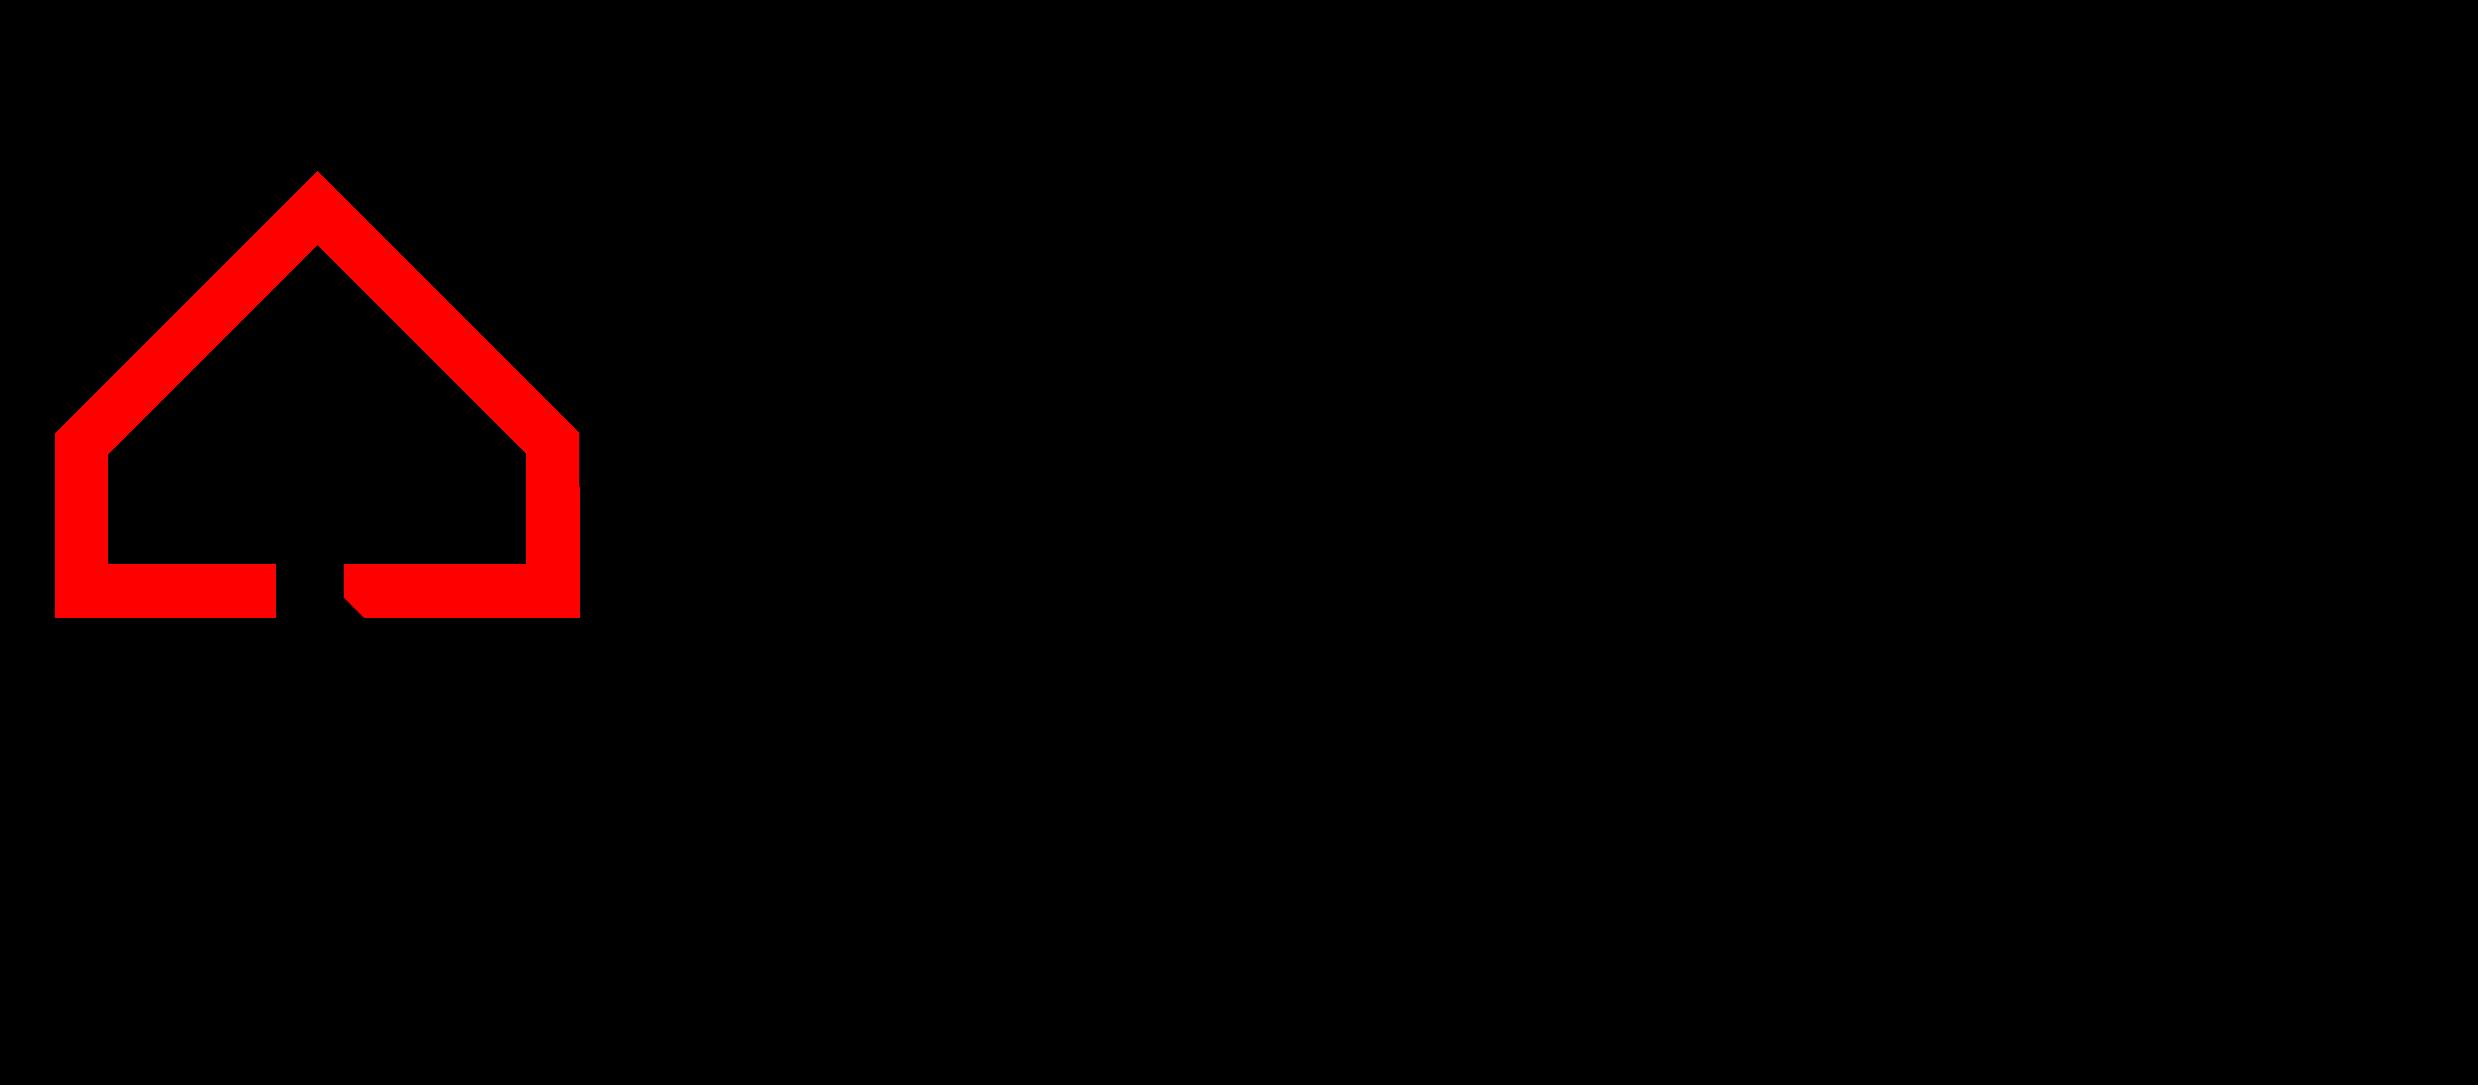 Logo Muzeum Polaków Ratujących Żydów. Po lewej stronie schematycznie wyrysowane domy czerwony i czarny, splecione jak ogniwa łańcucha. Czarny element jest obrócony do góry nogami. Po prawej stronie pełna nazwa muzeum rozbita na pięć wersów tekstu.